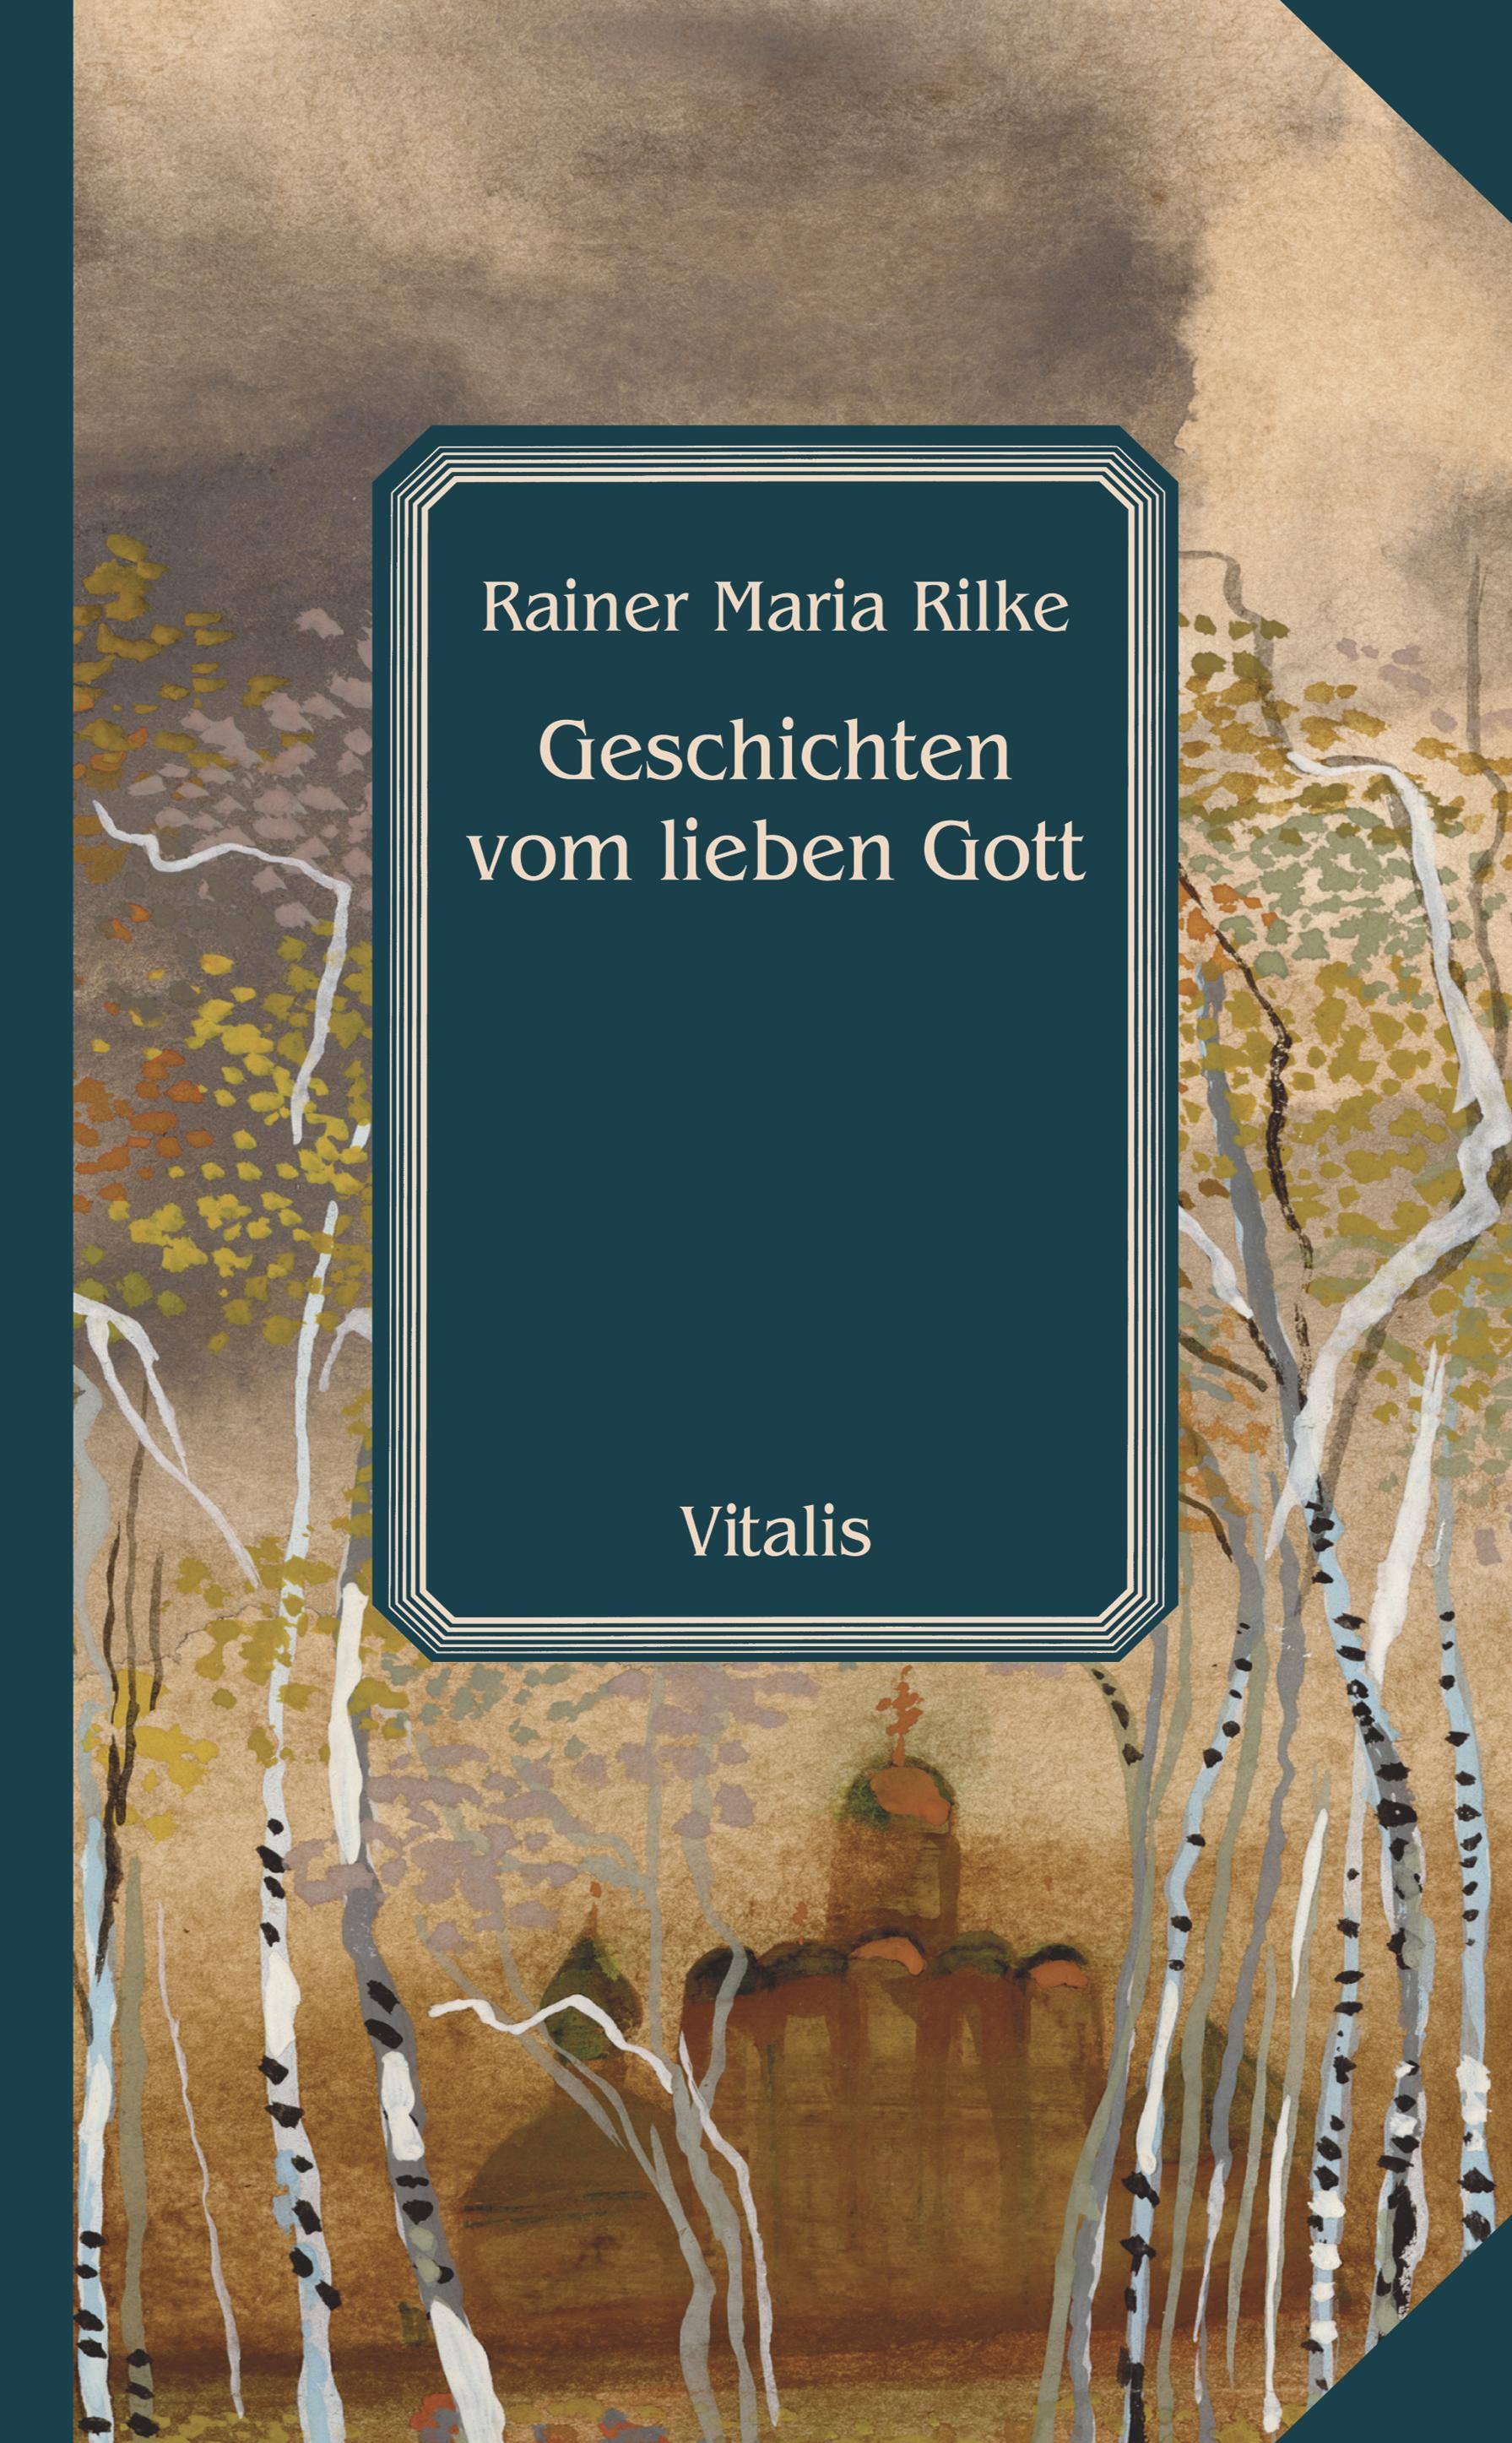 Neue Kinderbriefe An Den Lieben Gott : Geschichten vom lieben gott rainer maria rilke